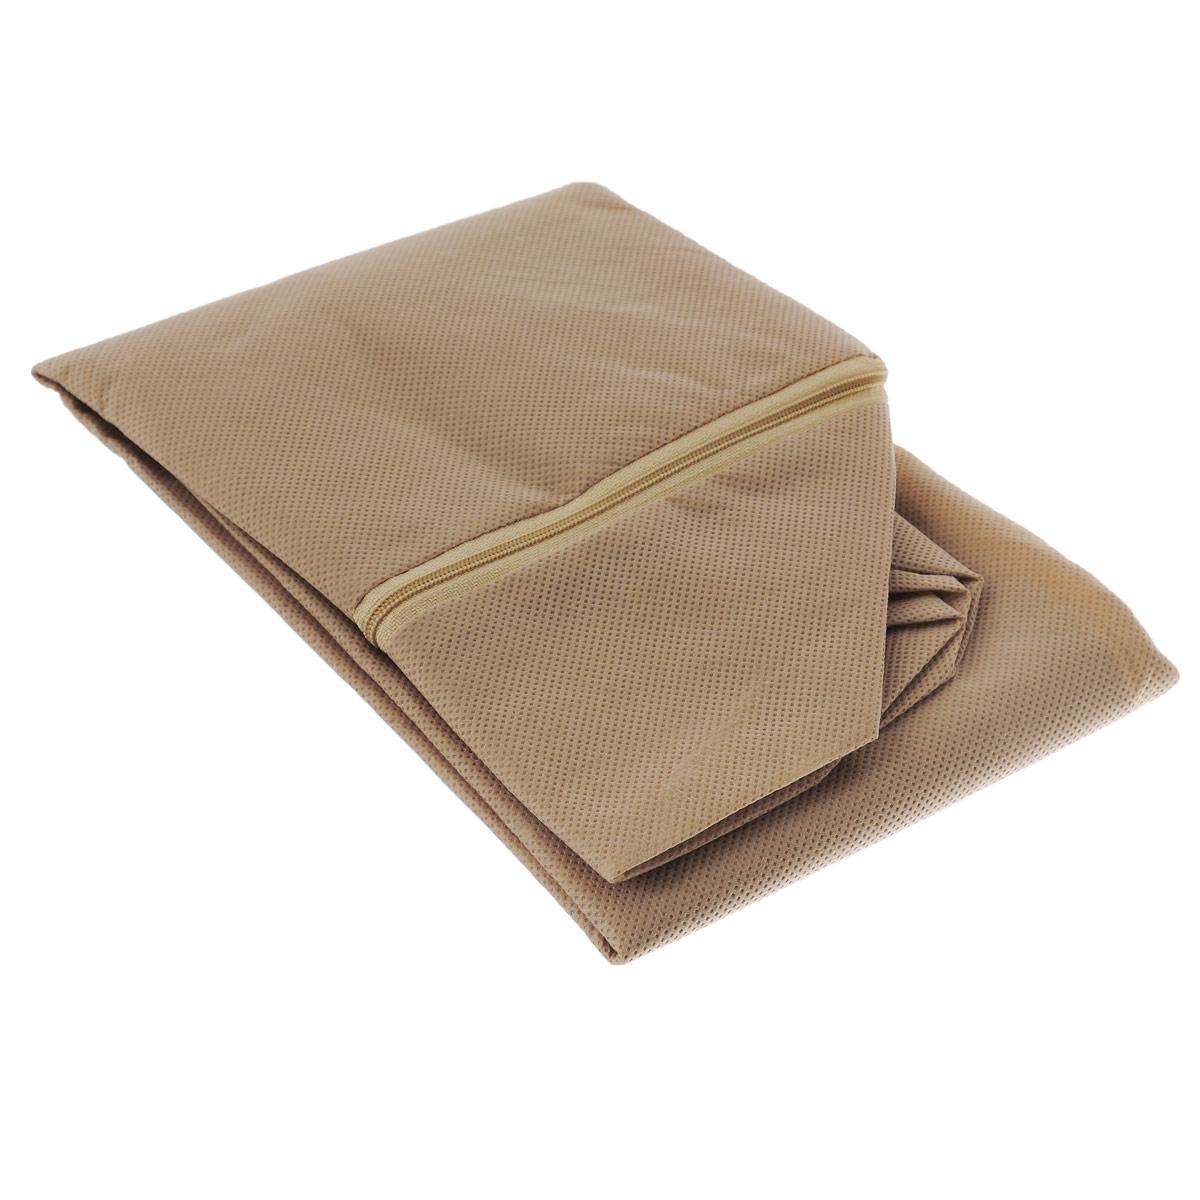 Чехол для хранения одеял Eva, цвет: бежевый, 60 см х 40 см х 20 смЕ52Чехол Eva изготовлен из ППР и ПВХ и предназначен для хранения одеял. Нетканыйматериал чехла пропускает воздух, что позволяет изделиям дышать. Это особеннонеобходимо для изделий из натуральных материалов. Благодаря такому чехлу, вещи не впитывают посторонние запахи. Застегивается на застежку-молнию. Материал: ППР, ПВХ.